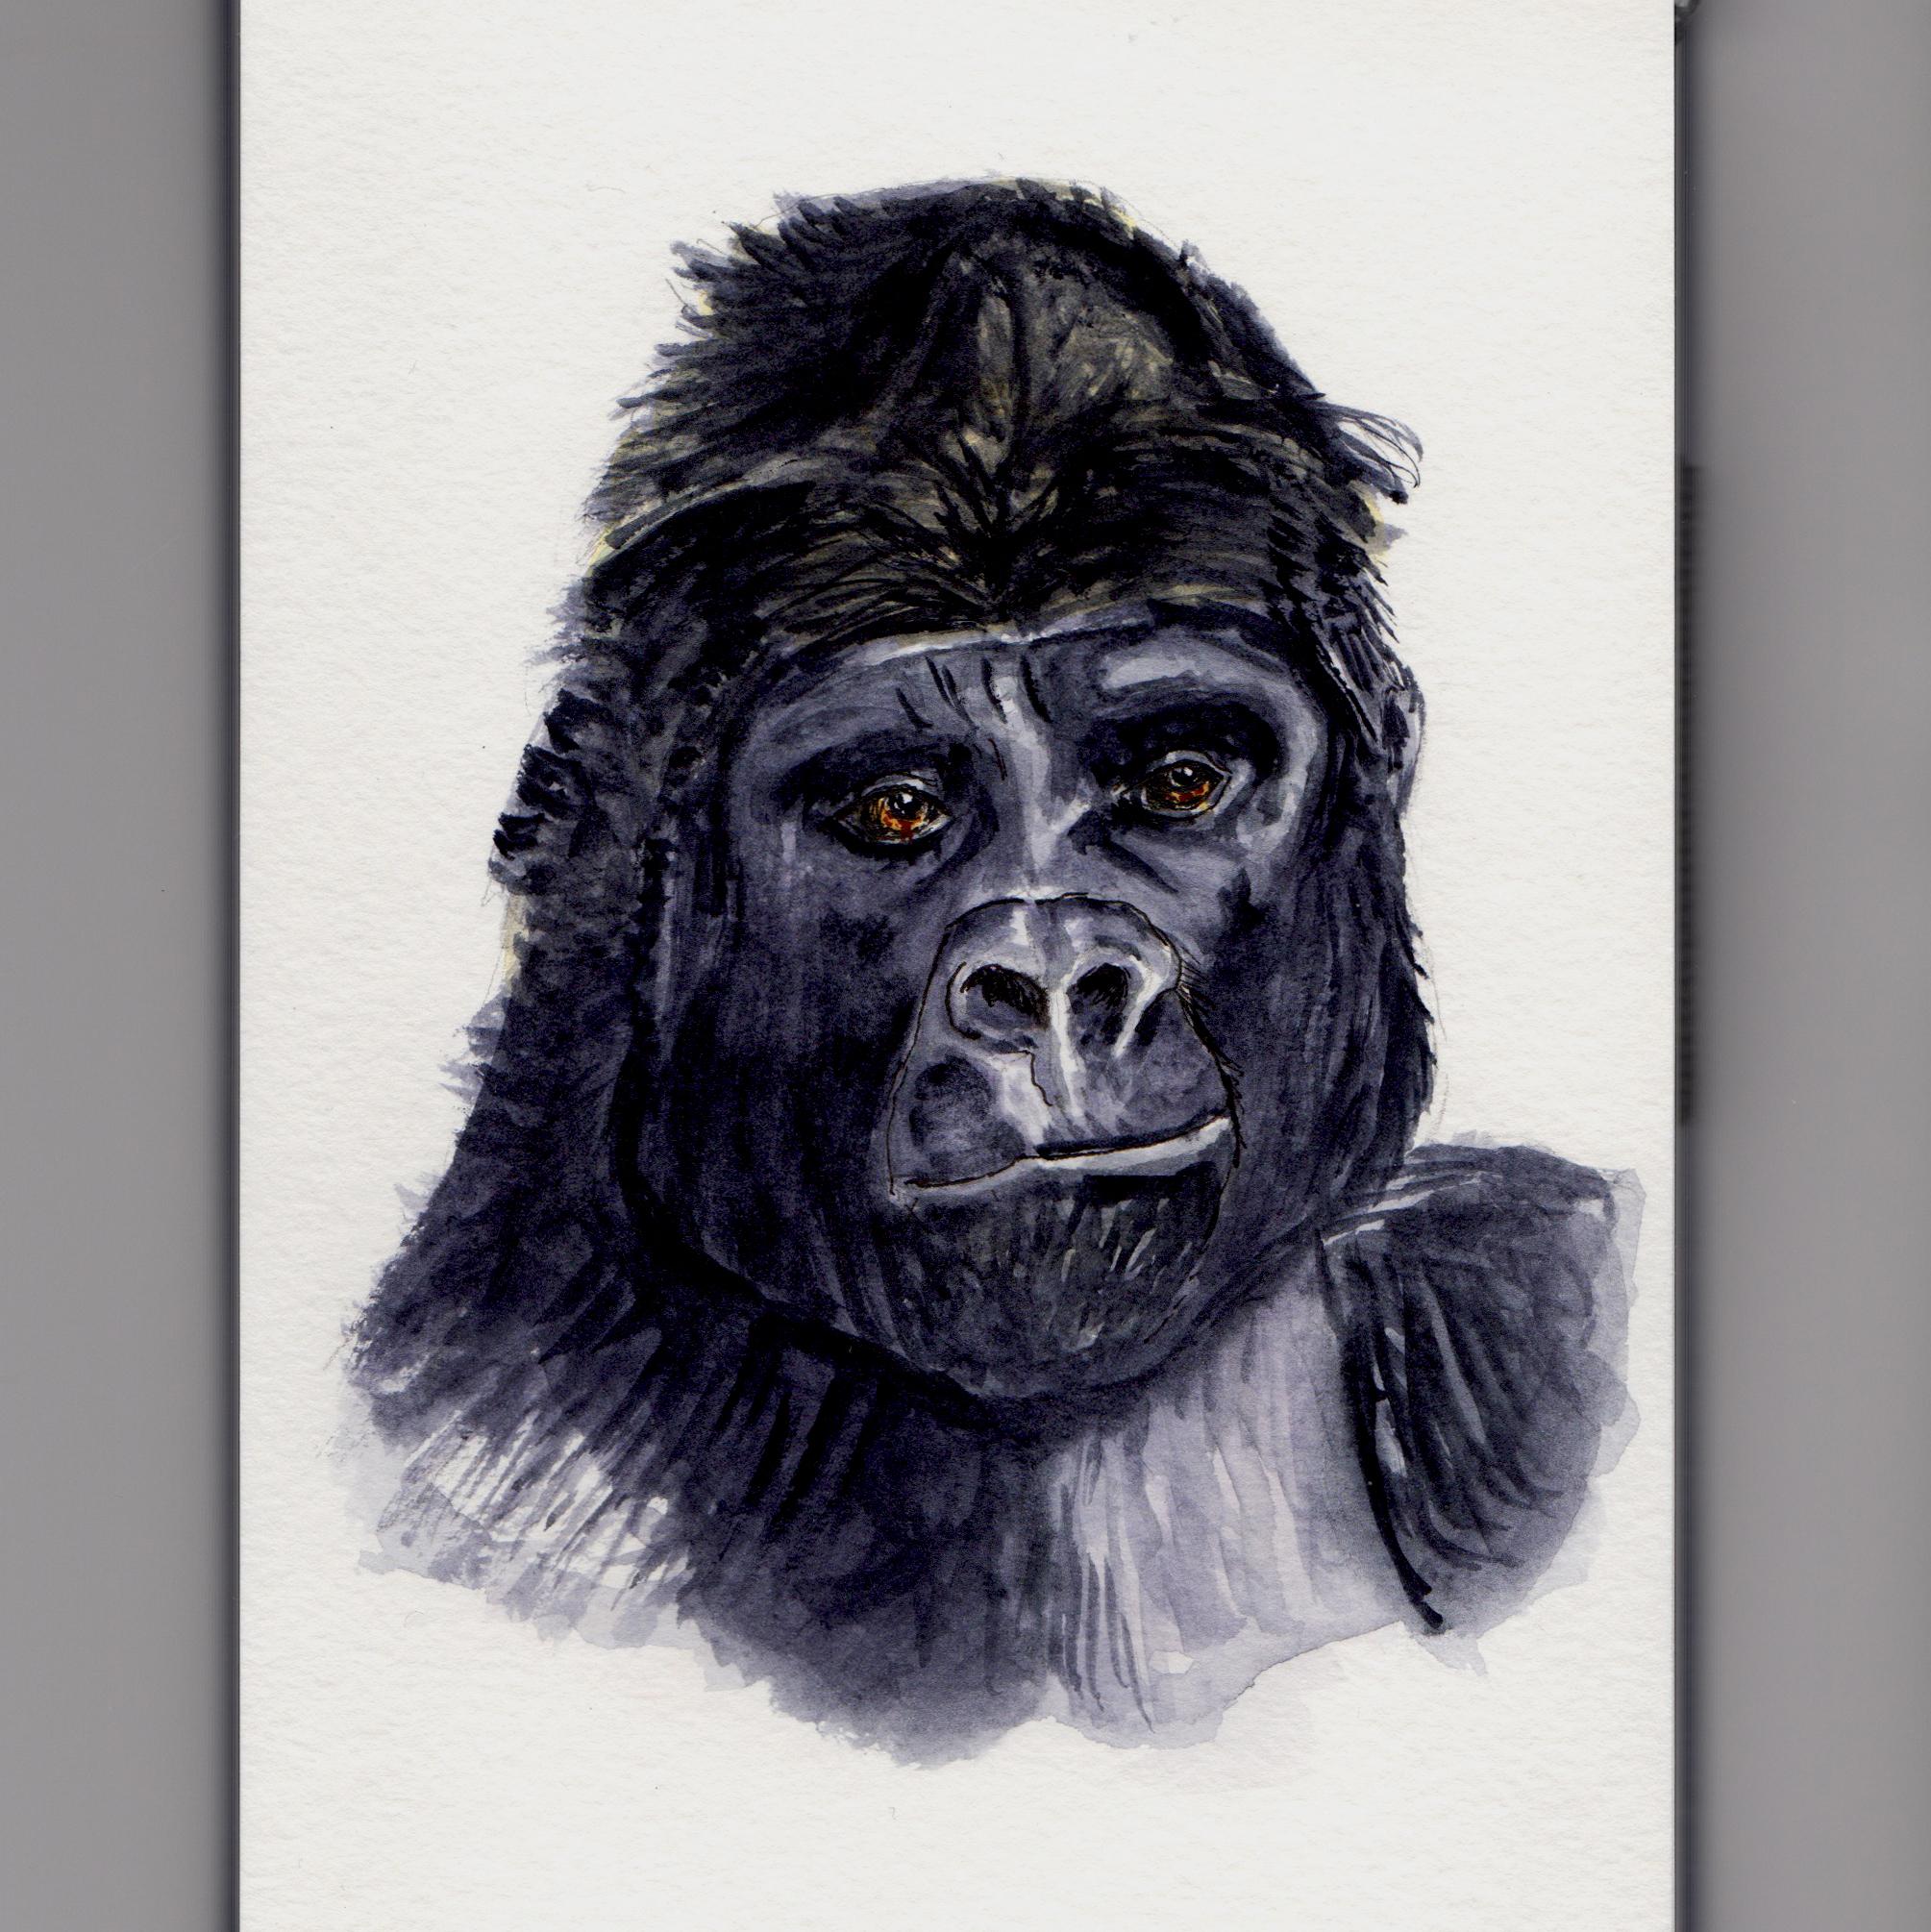 A Big Gorilla